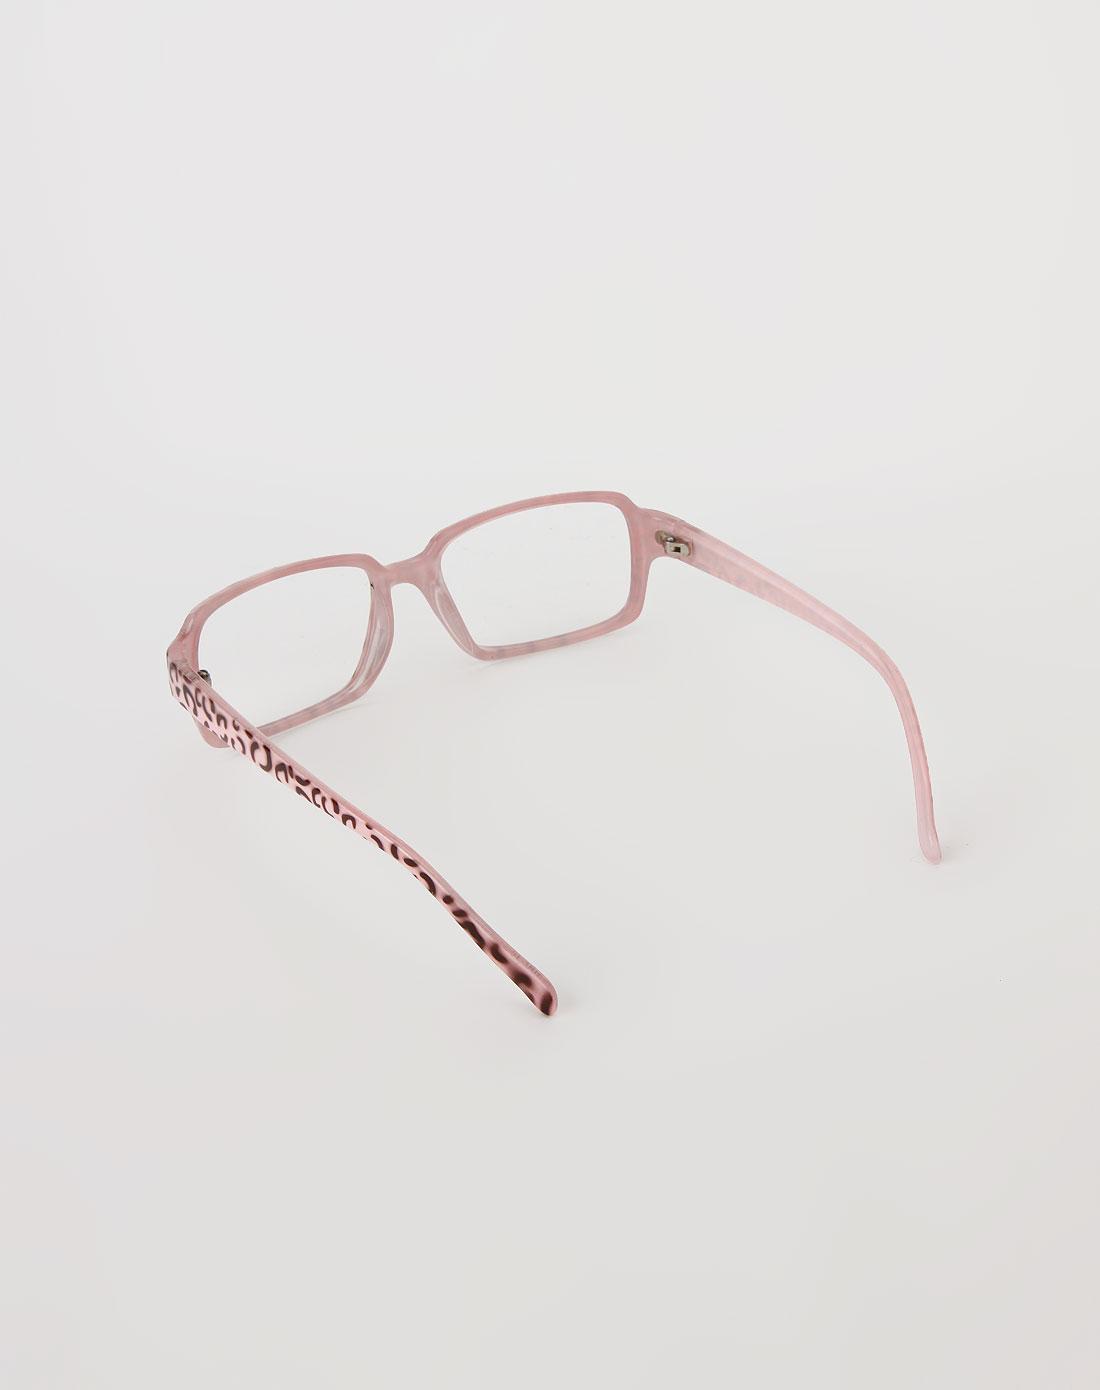 浅粉红可爱眼镜框